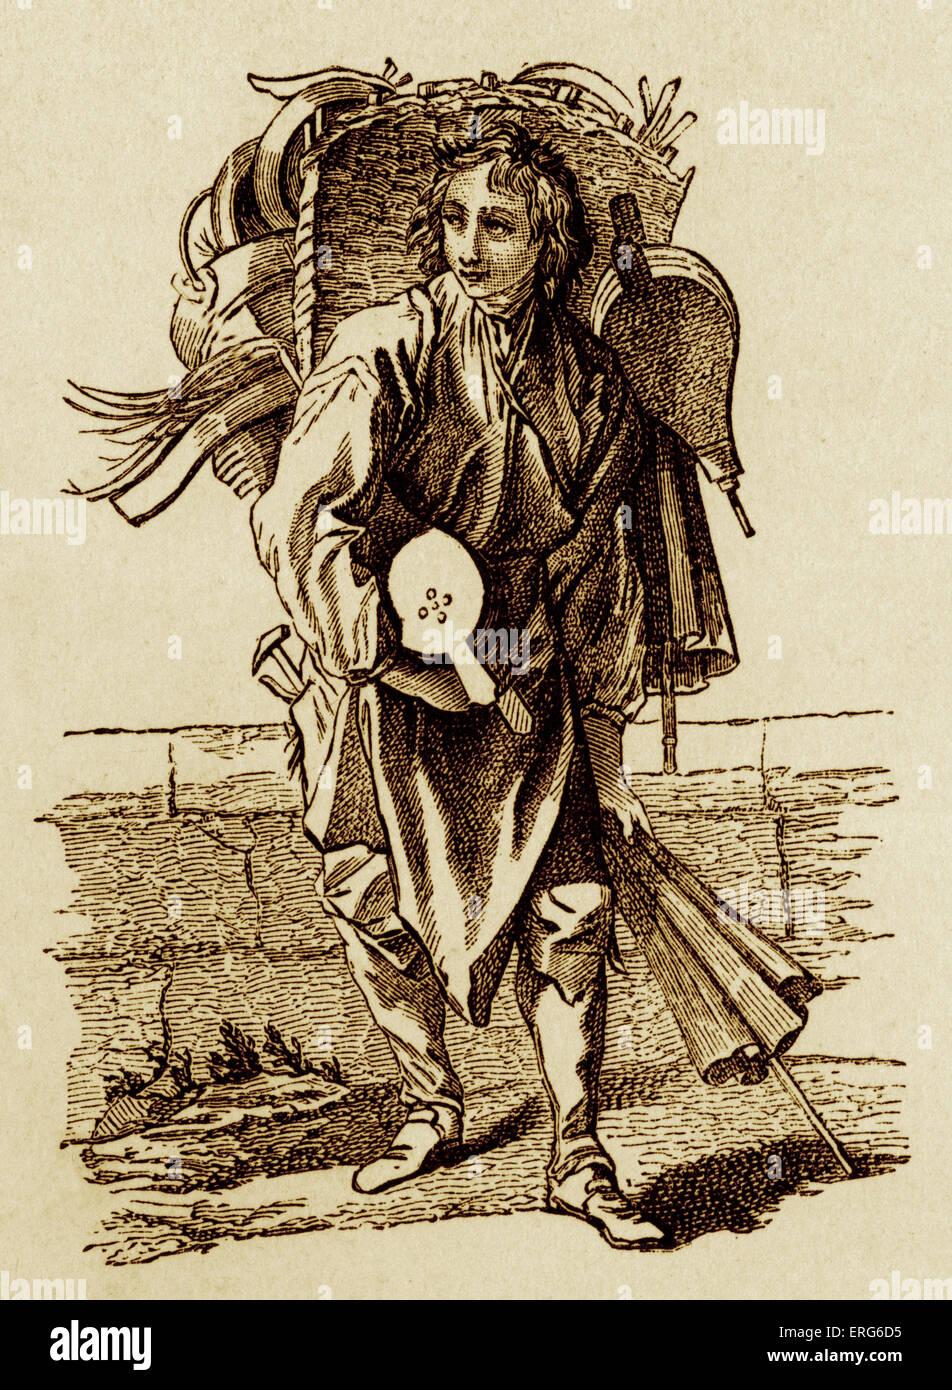 Il francese del XVIII secolo fornitore a soffietto. La vita quotidiana  nella storia di Francia. Costume e Moda. Classe operaia 448d111f10a9